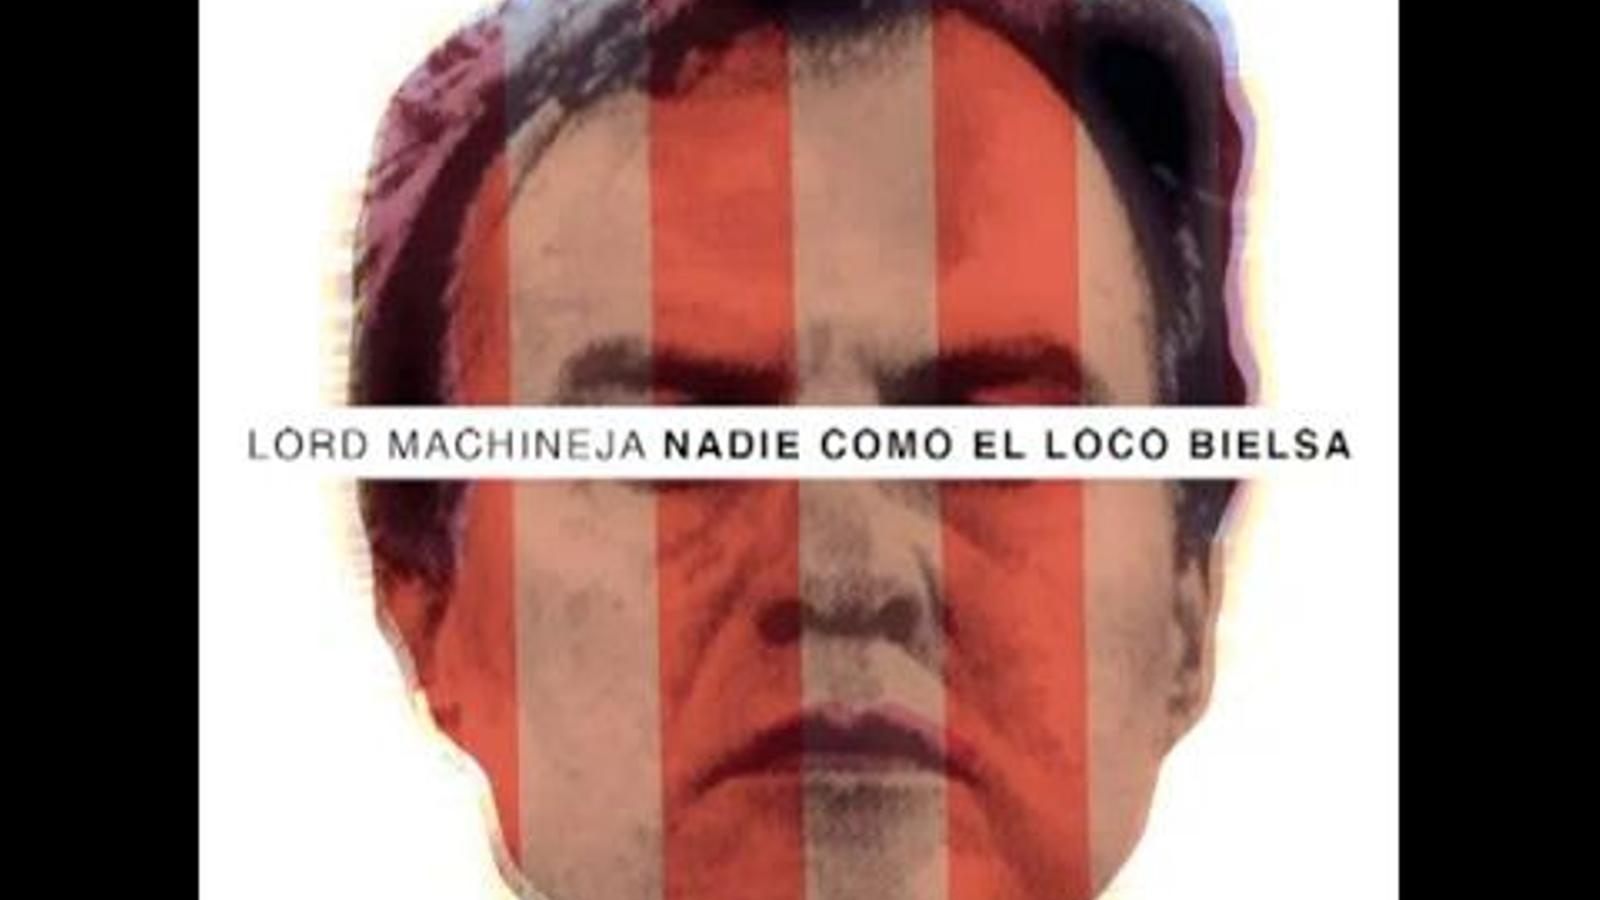 Marcelo Bielsa ja té la seva pròpia cançó